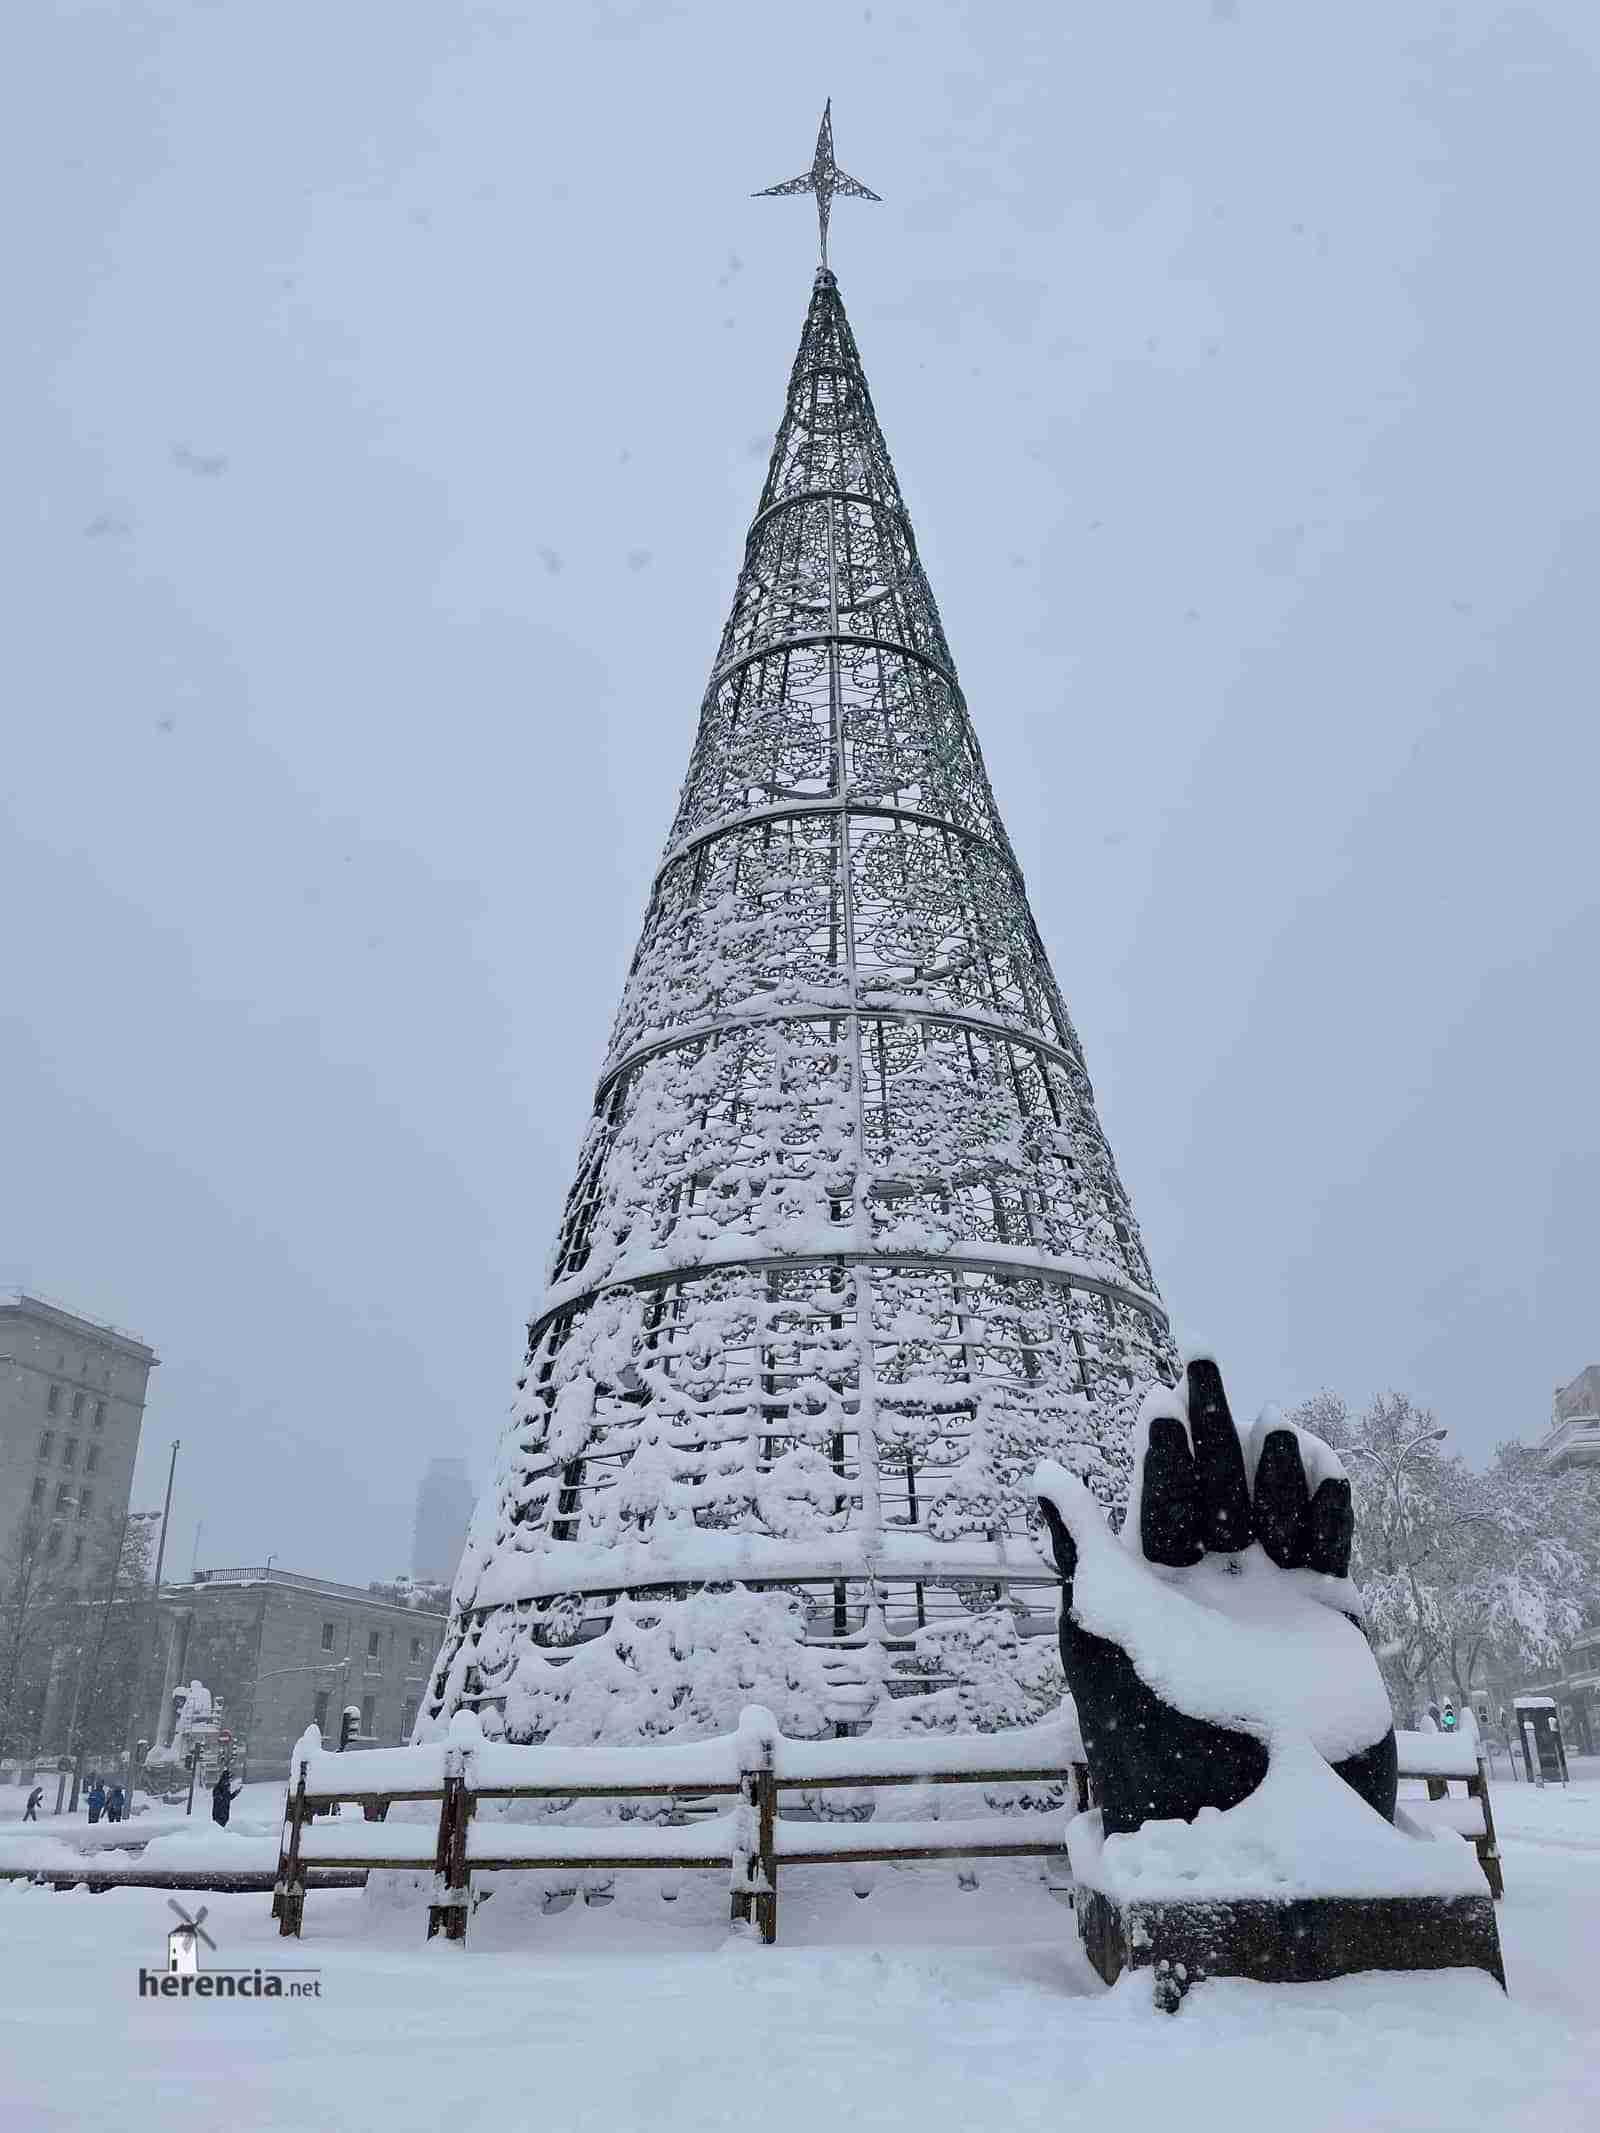 Fotografías de la nevada de enero en Madrid (España) 216